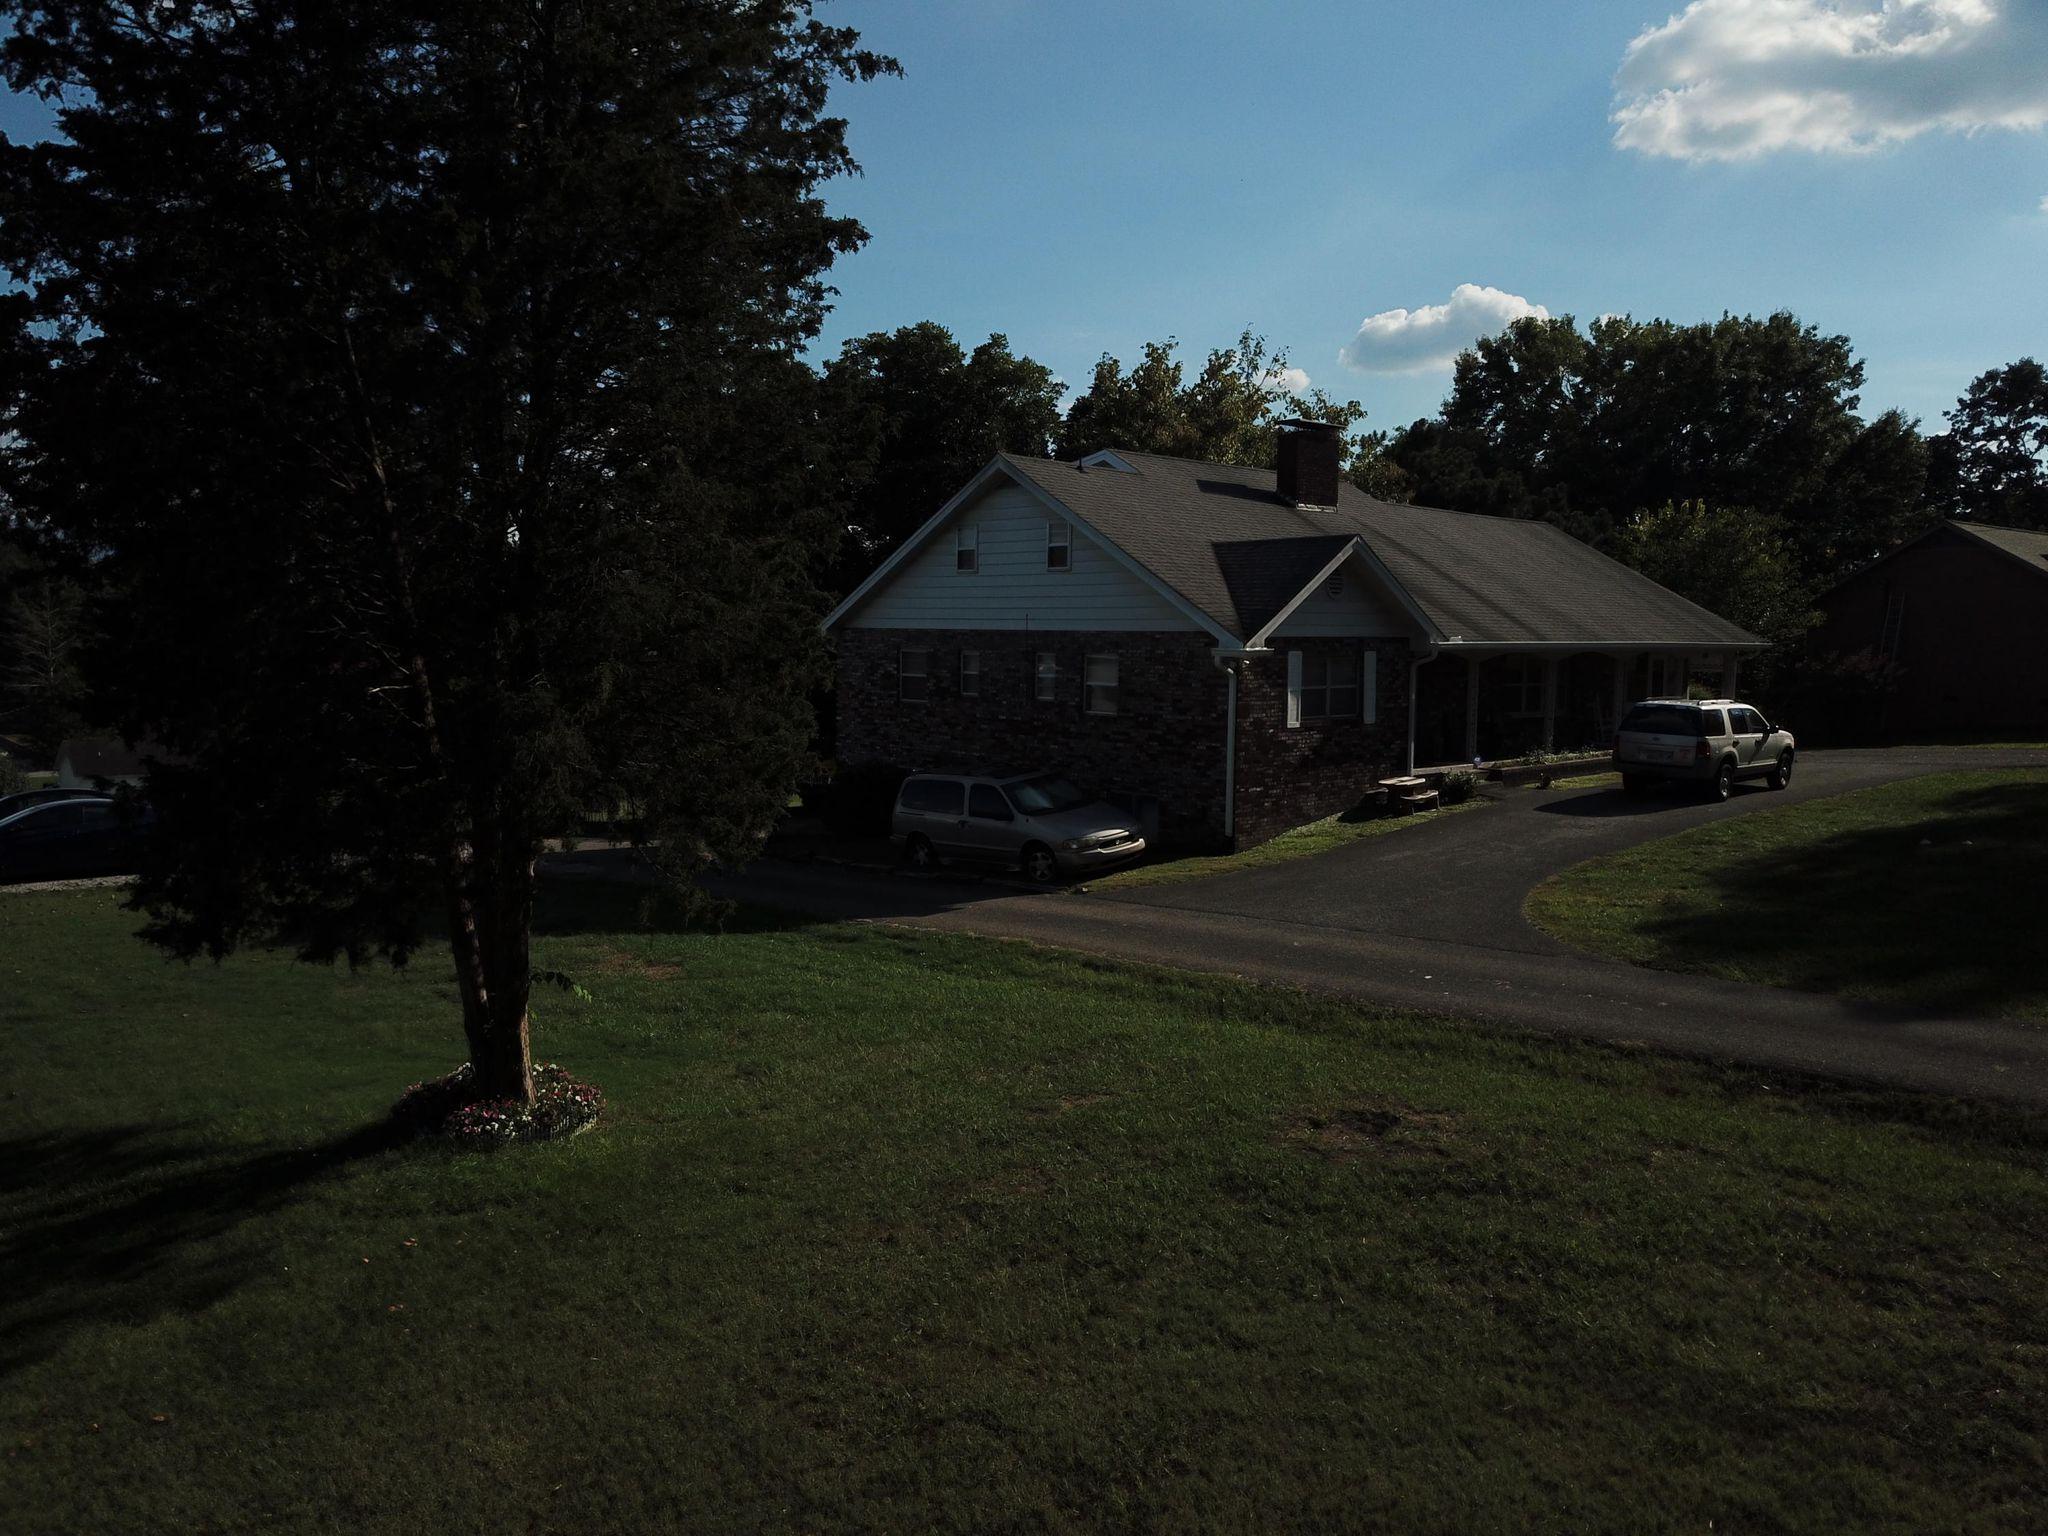 517 Kyker Cir, Seymour, TN 37865 - 4 Bed, 3 Bath Single-Family Home - MLS  #1063729 - 5 Photos | Trulia